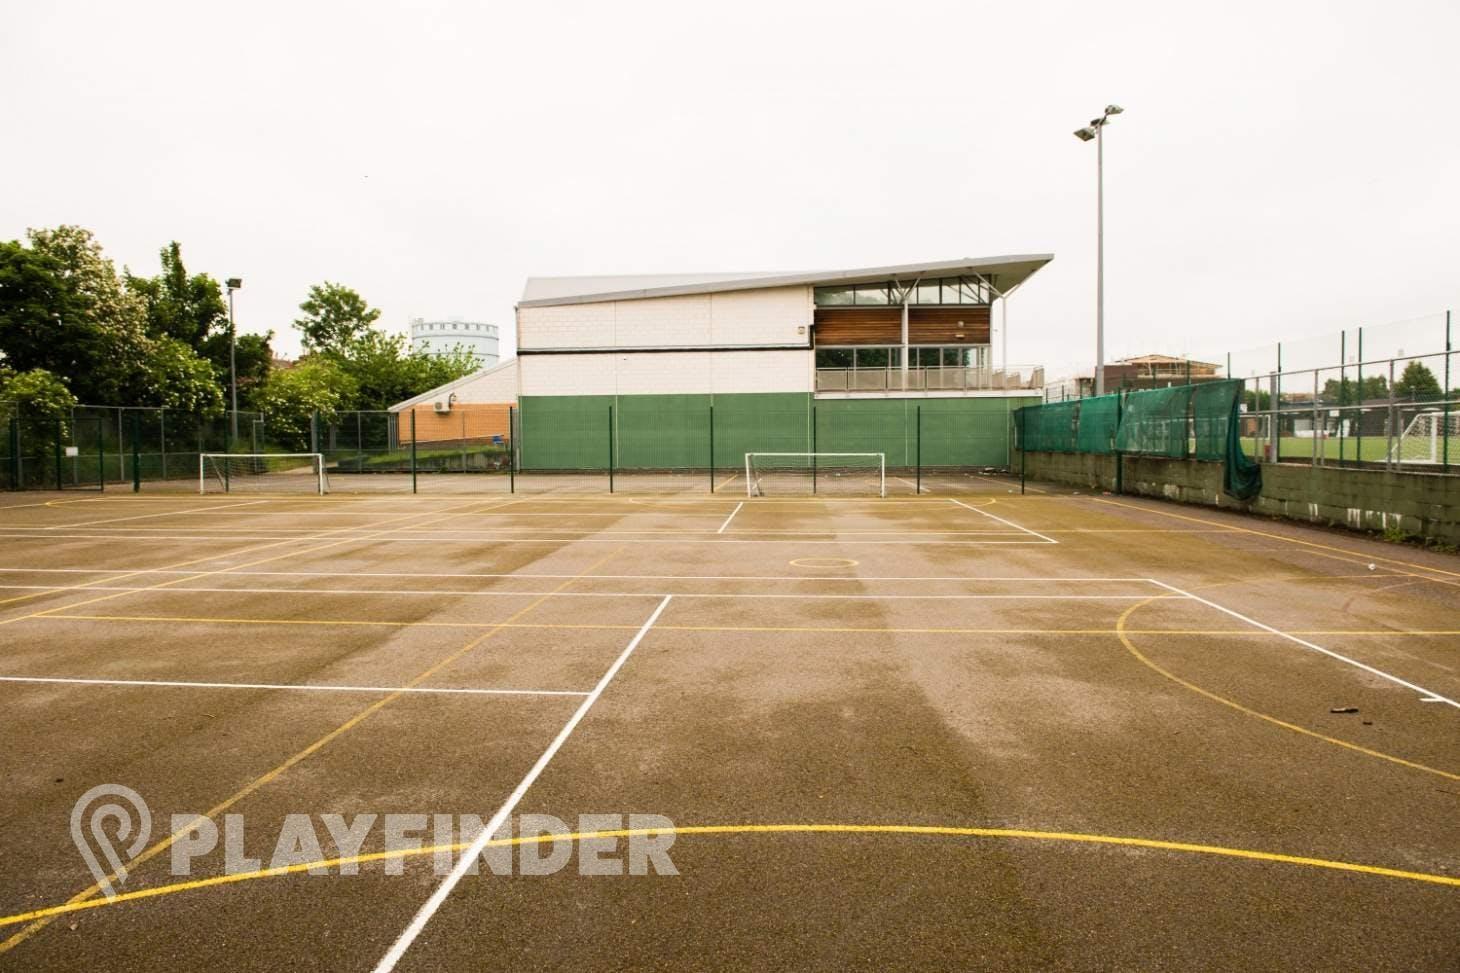 Featherstone Sports Centre Outdoor | Hard (macadam) tennis court